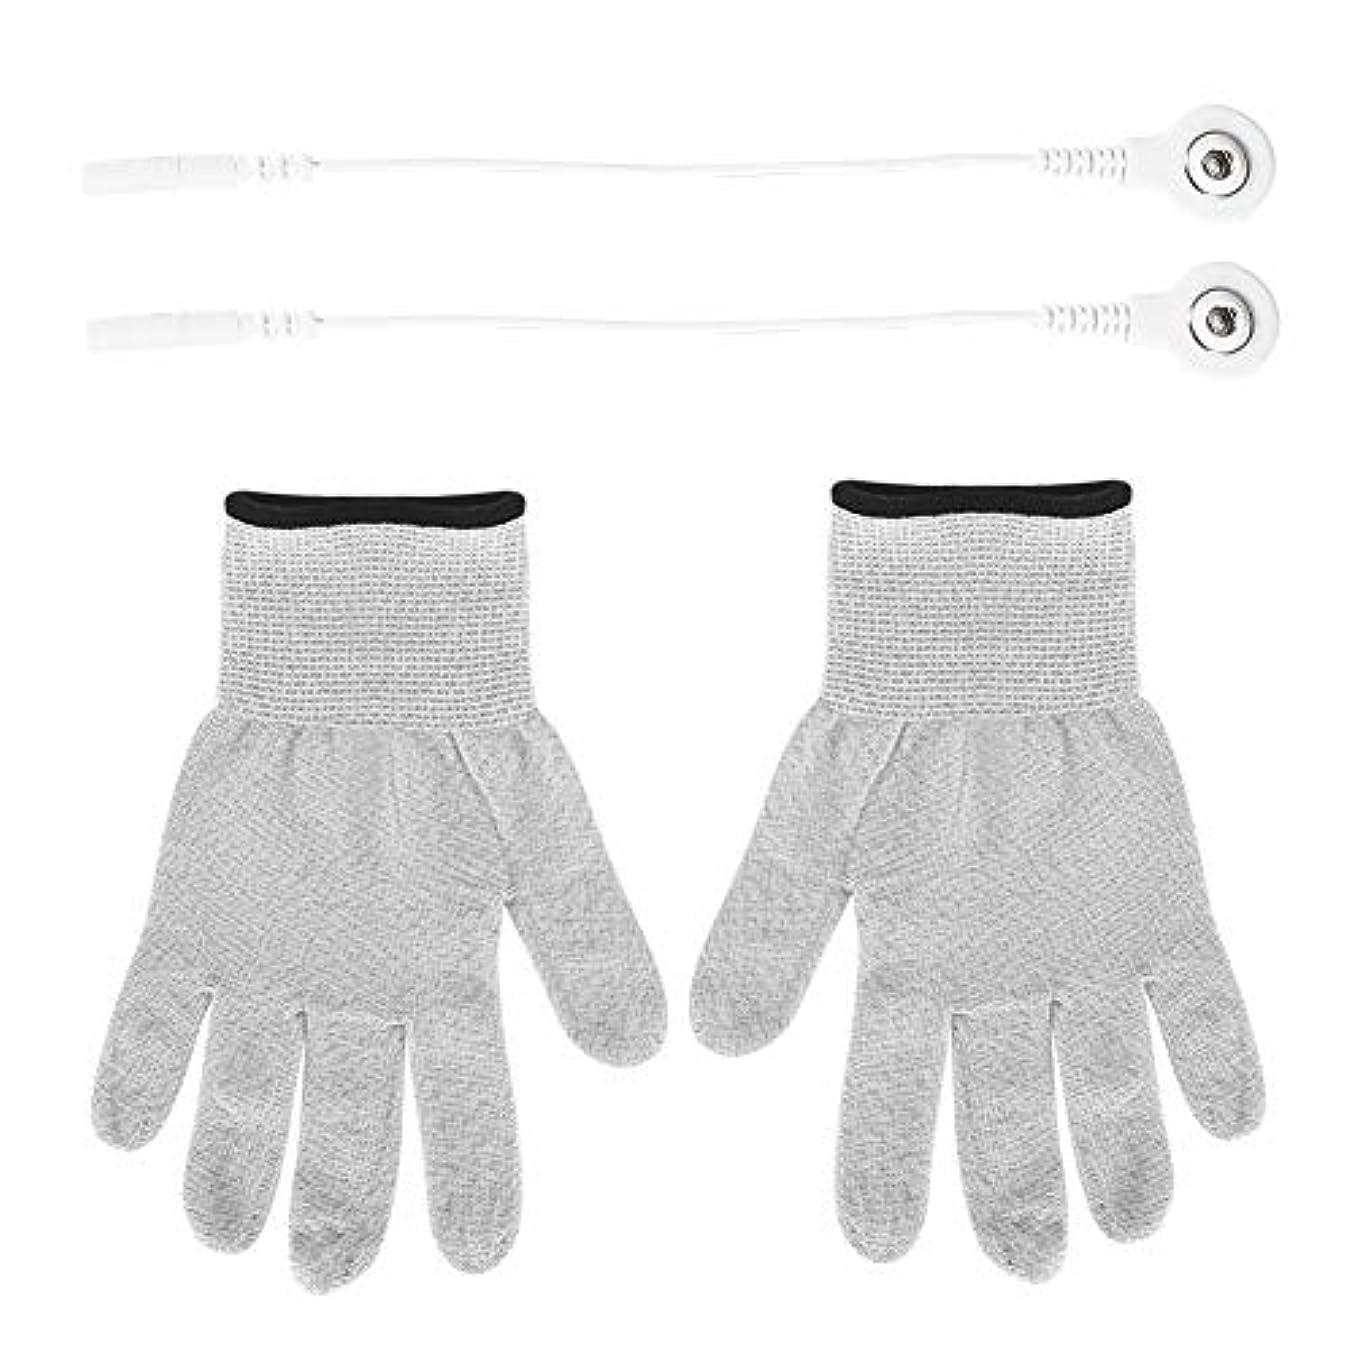 規定つまらないパンフレット1組 電極 手袋繊維 電気衝撃療法 マッサージ 手袋電気衝撃繊維 脈拍療法 マッサージ 伝導性 手袋